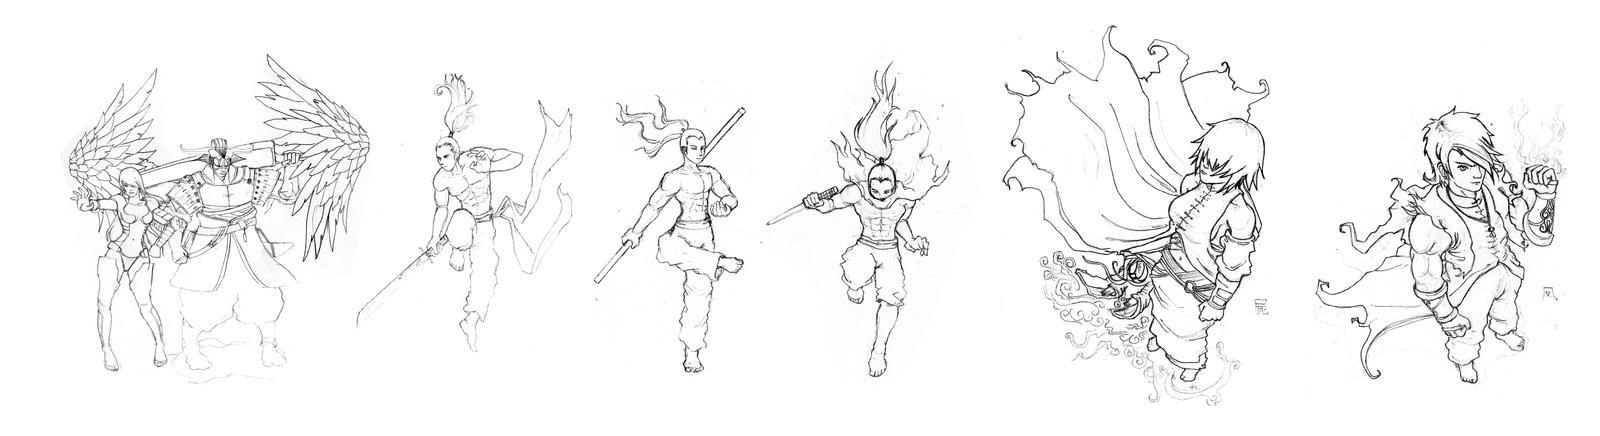 Fantasy Concept Art Sketch